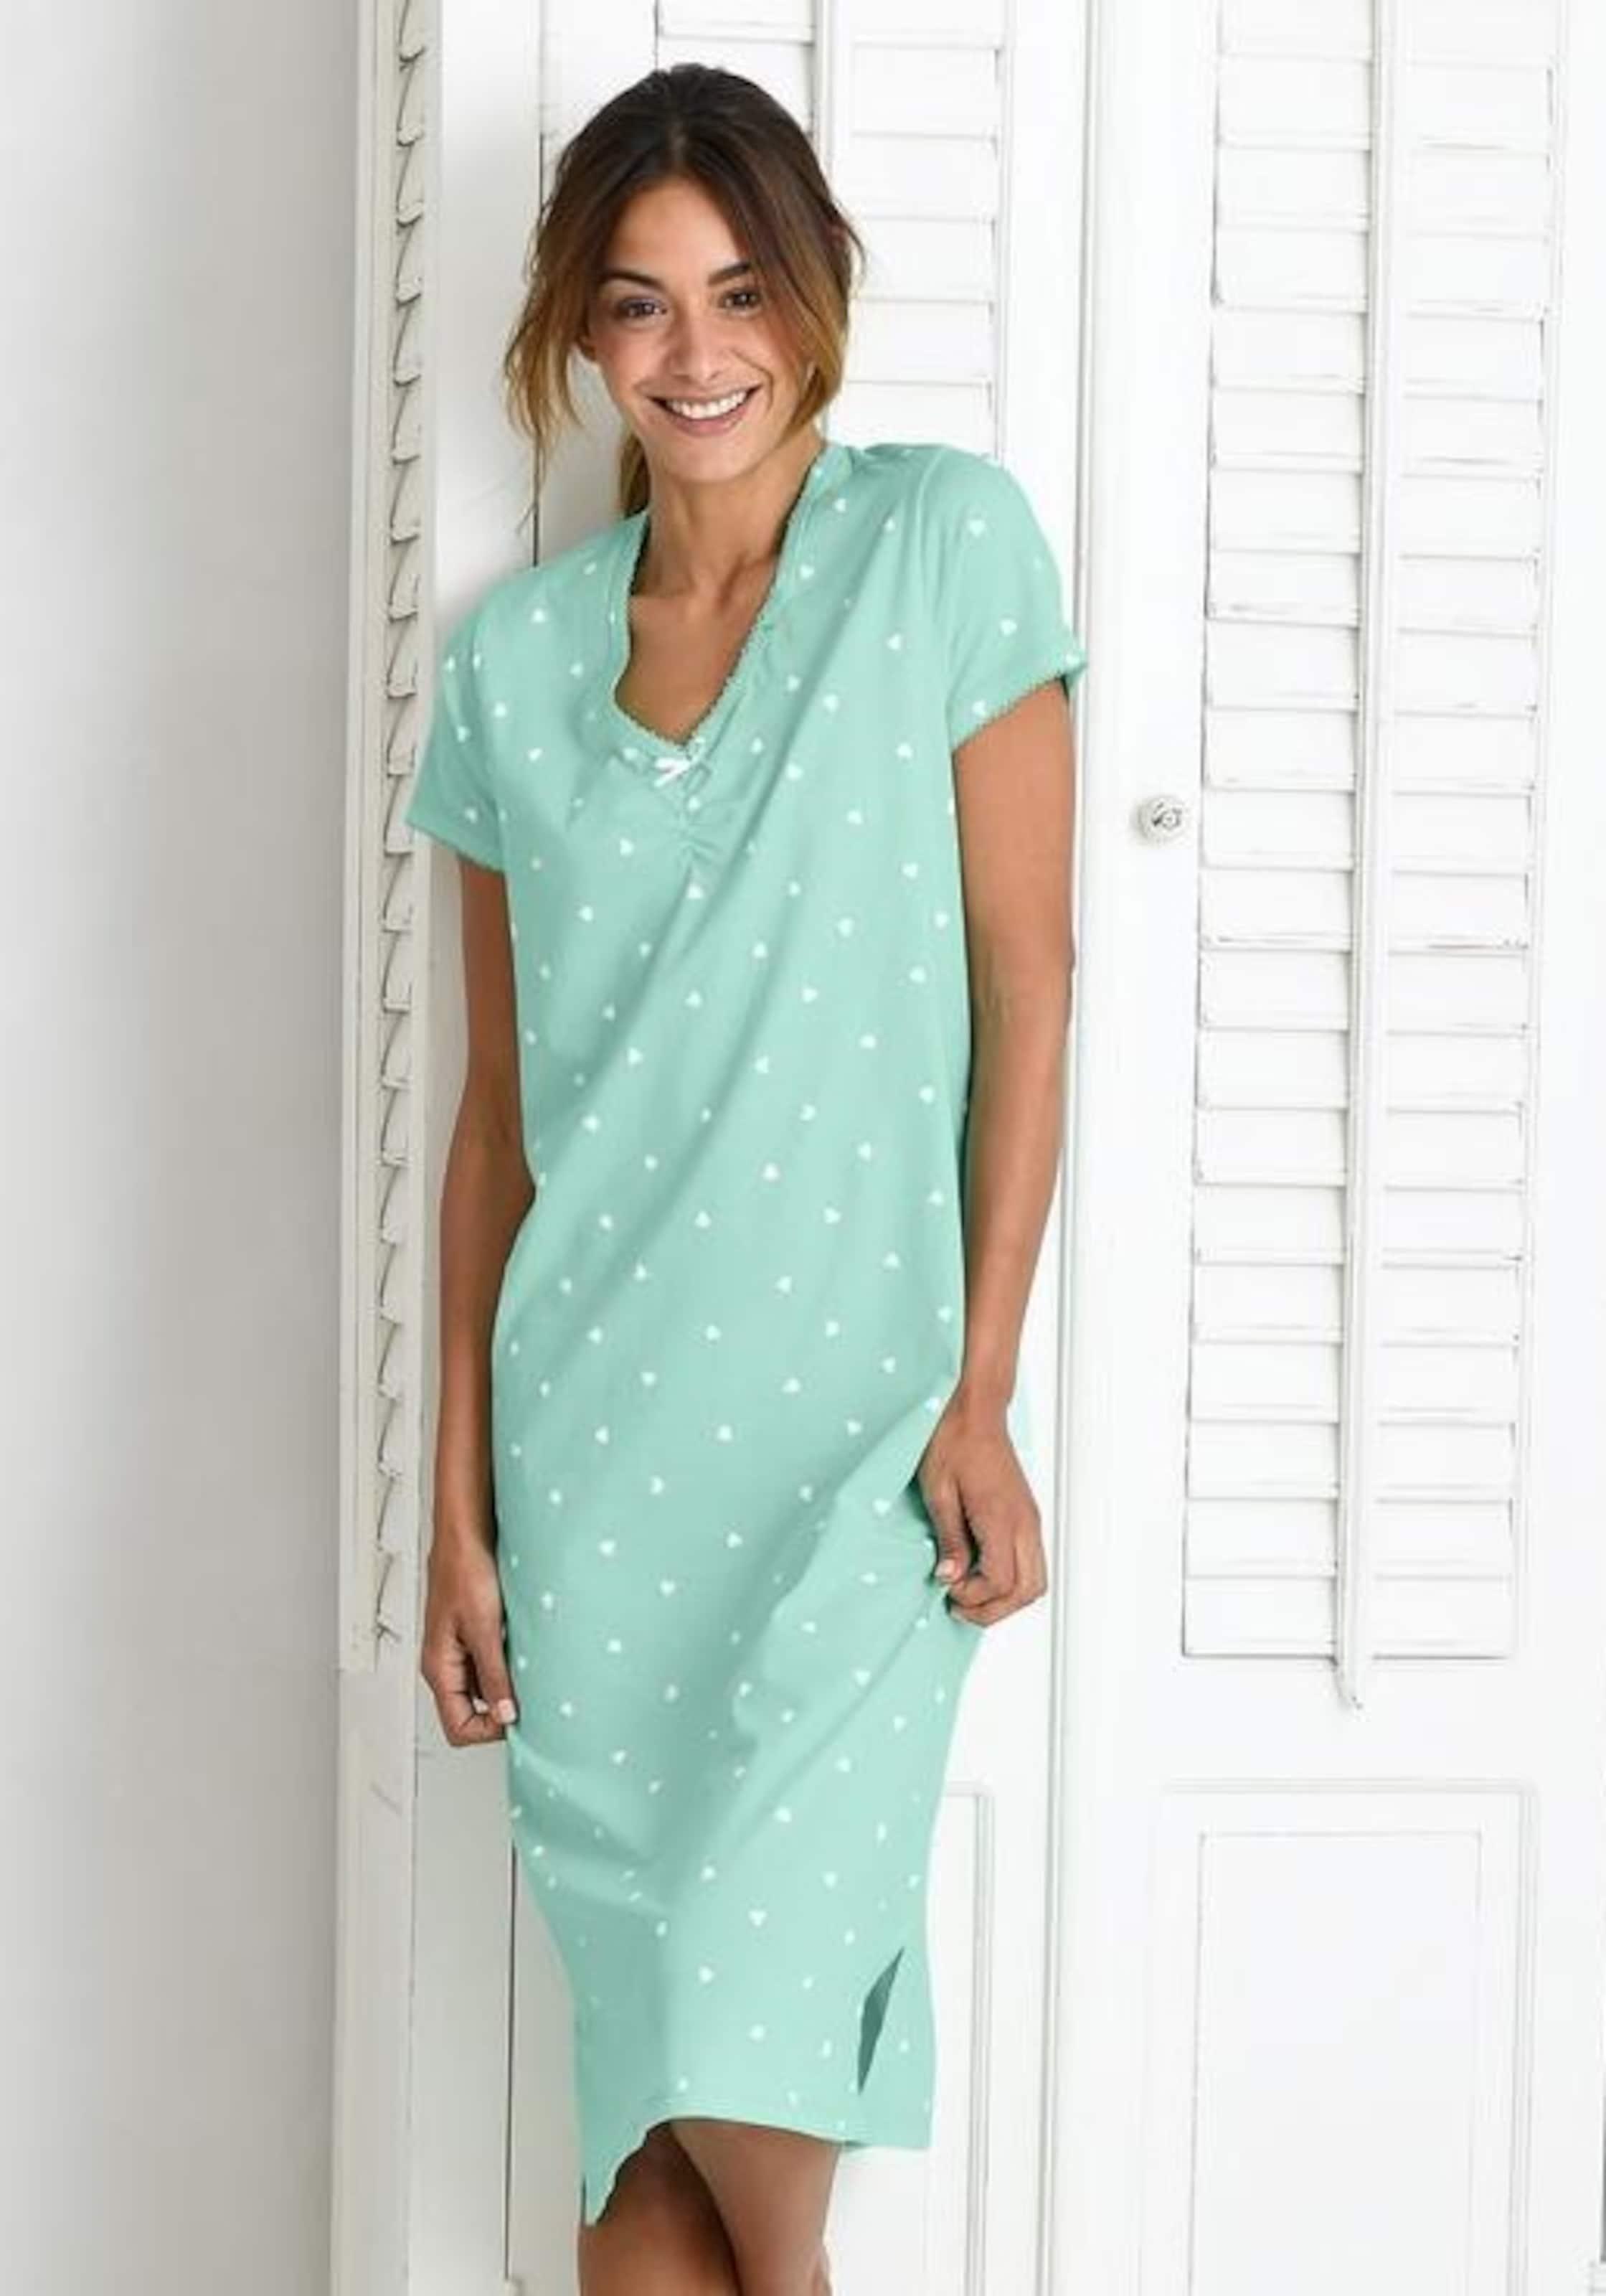 Mode-Stil Günstiger Preis VIVANCE Lange Nachthemden (2 Stück) mit Kräuselsäumen Billig Kaufen Bestellen KDxKi